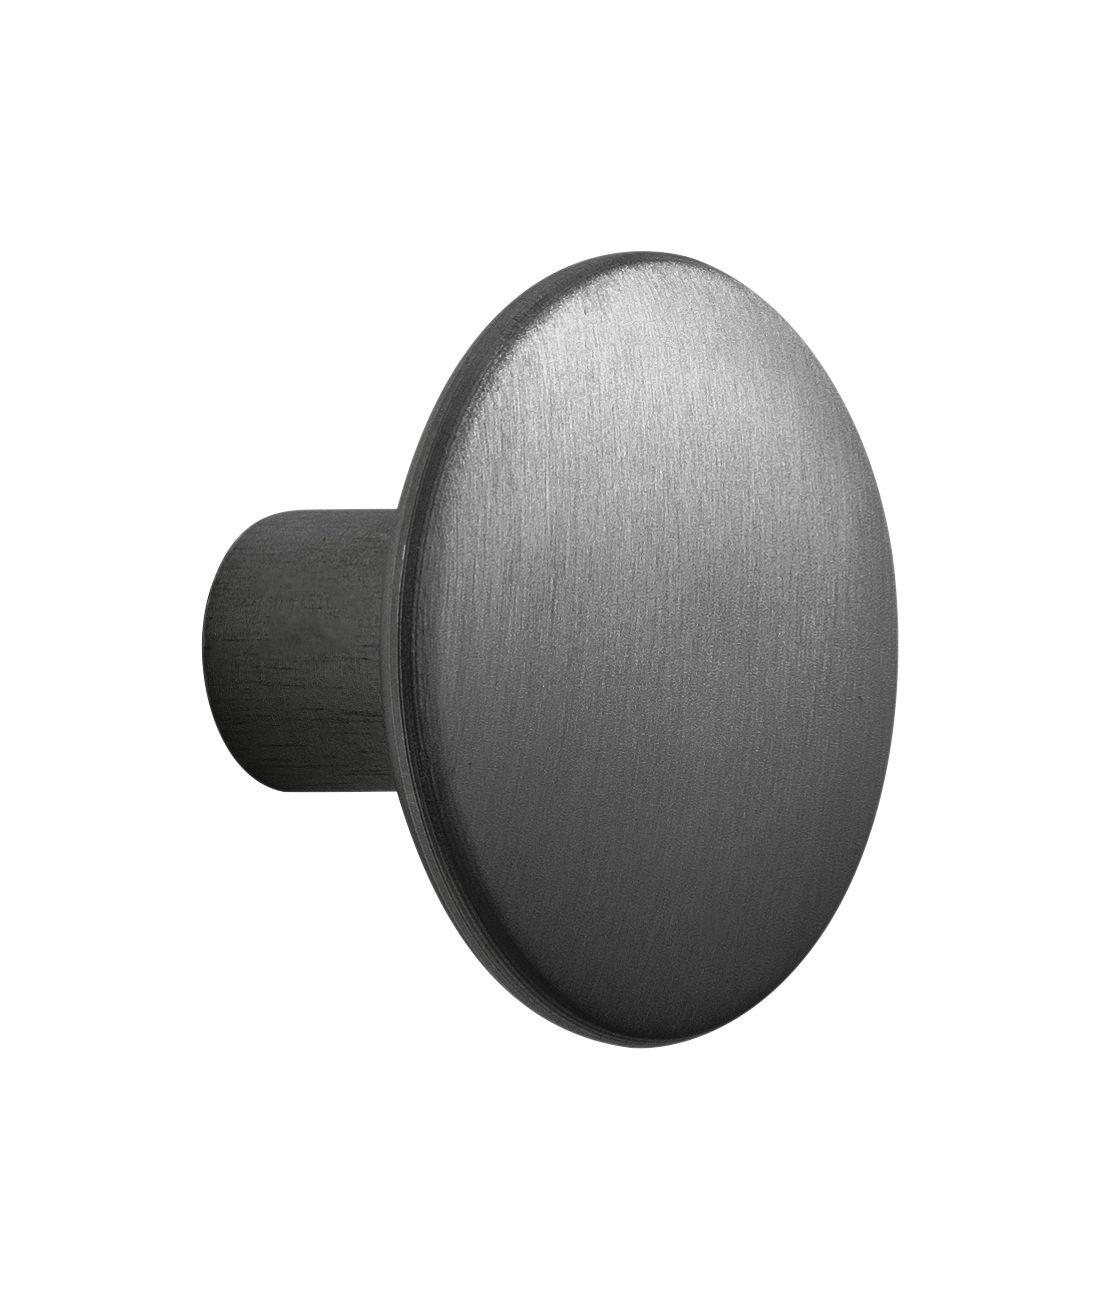 Furniture - Coat Racks & Pegs - The Dots Metal Hook - Medium - Ø 3,9 cm by Muuto - Black - Painted steel